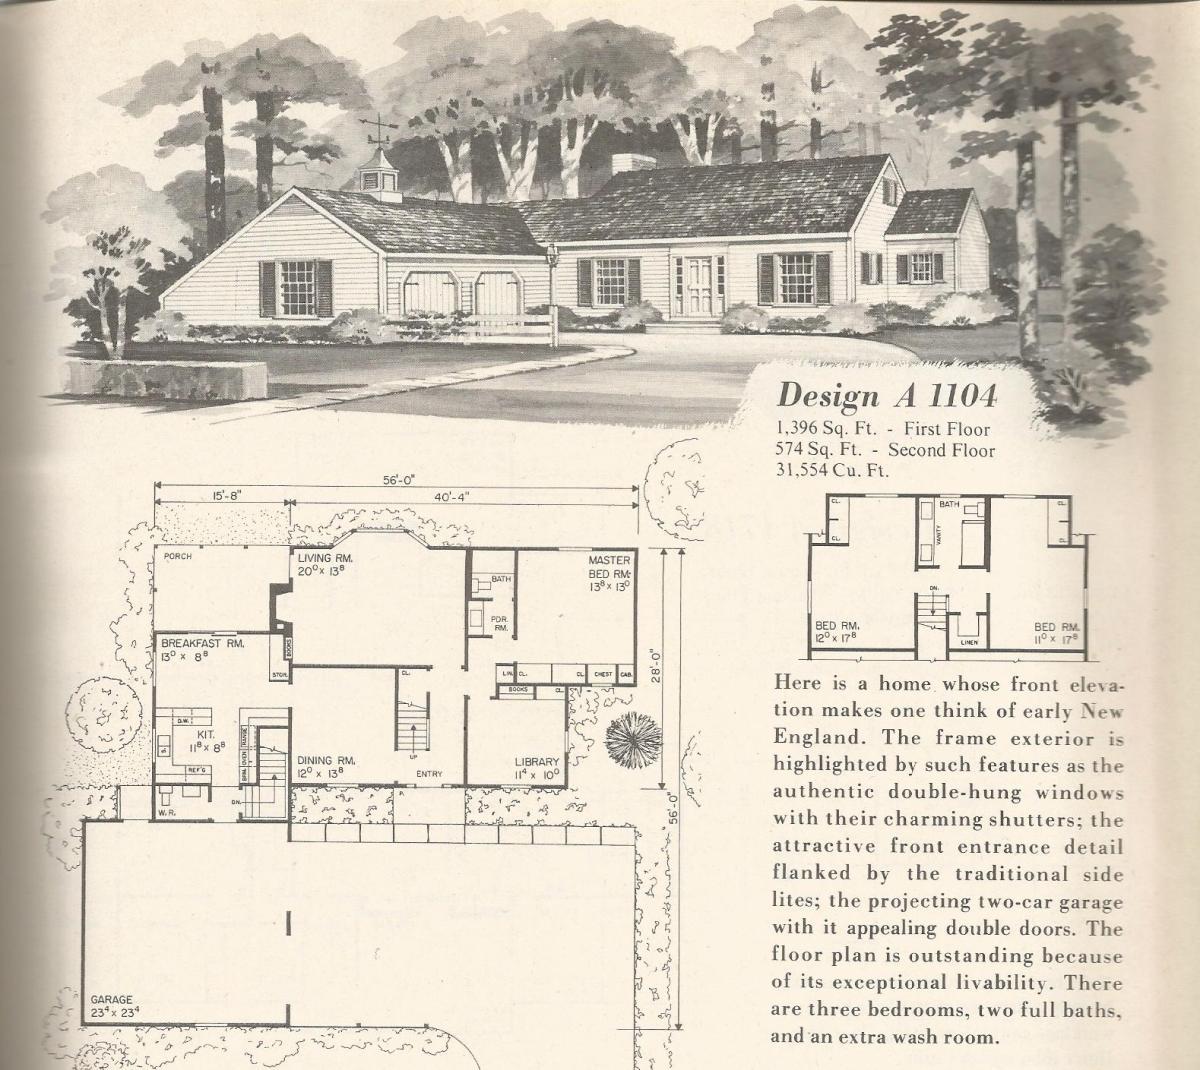 Vintage home plans country estates 1104 antique alter ego for Country estate home plans